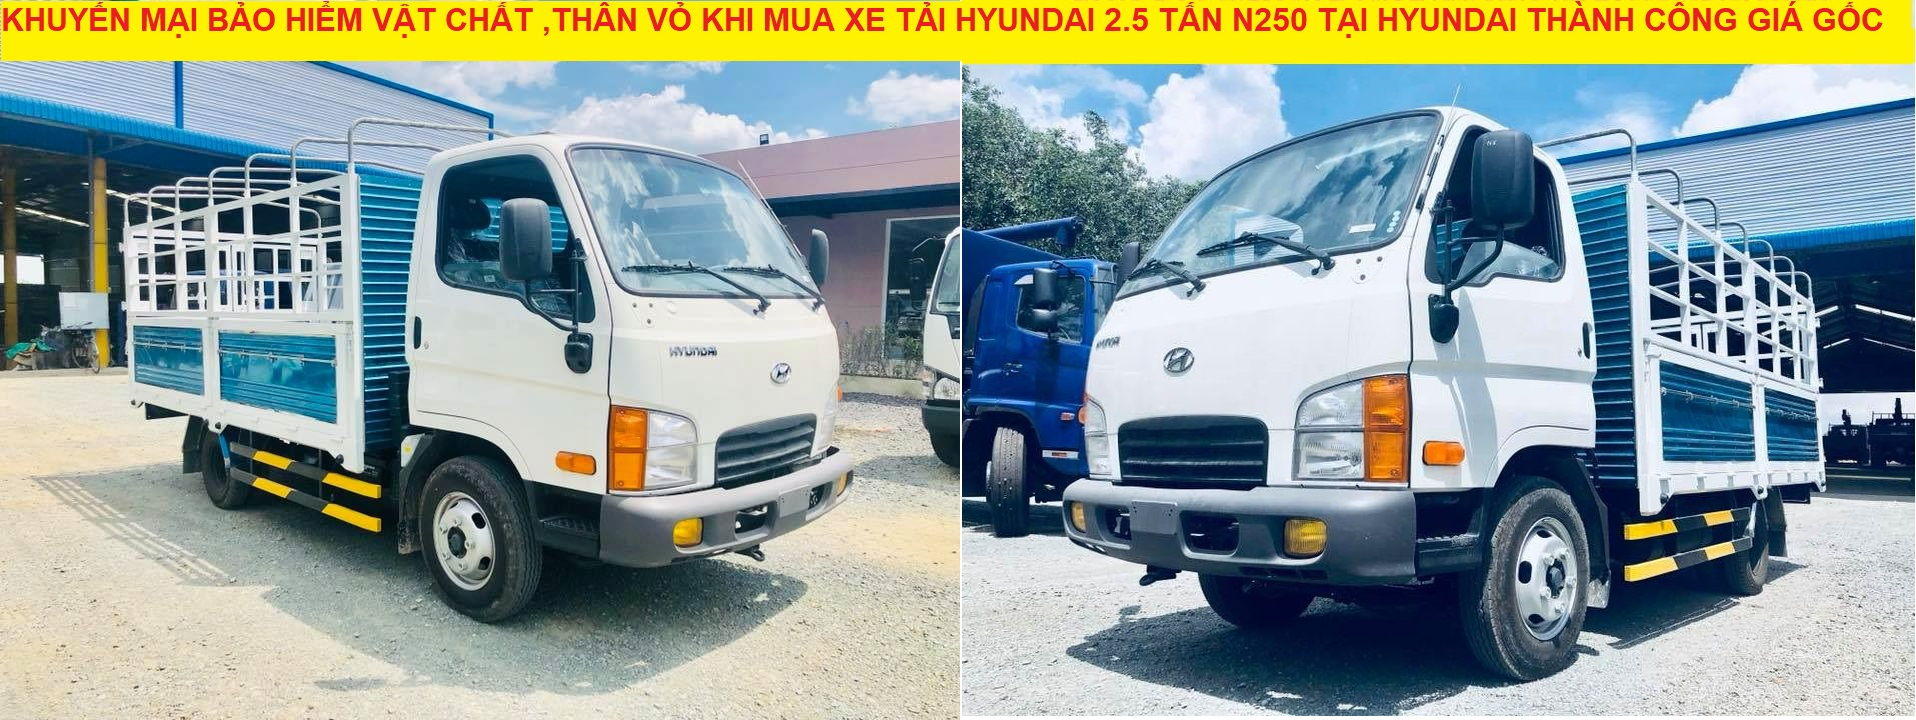 Thanhconghyundai.vn khuyến mại Bảo hiểm thân vỏ cho khách hàng mua xe hyundai thành công 2.5 tấn n250 - 2t5 mua trả góp - trả thẳng | 0966.667.554